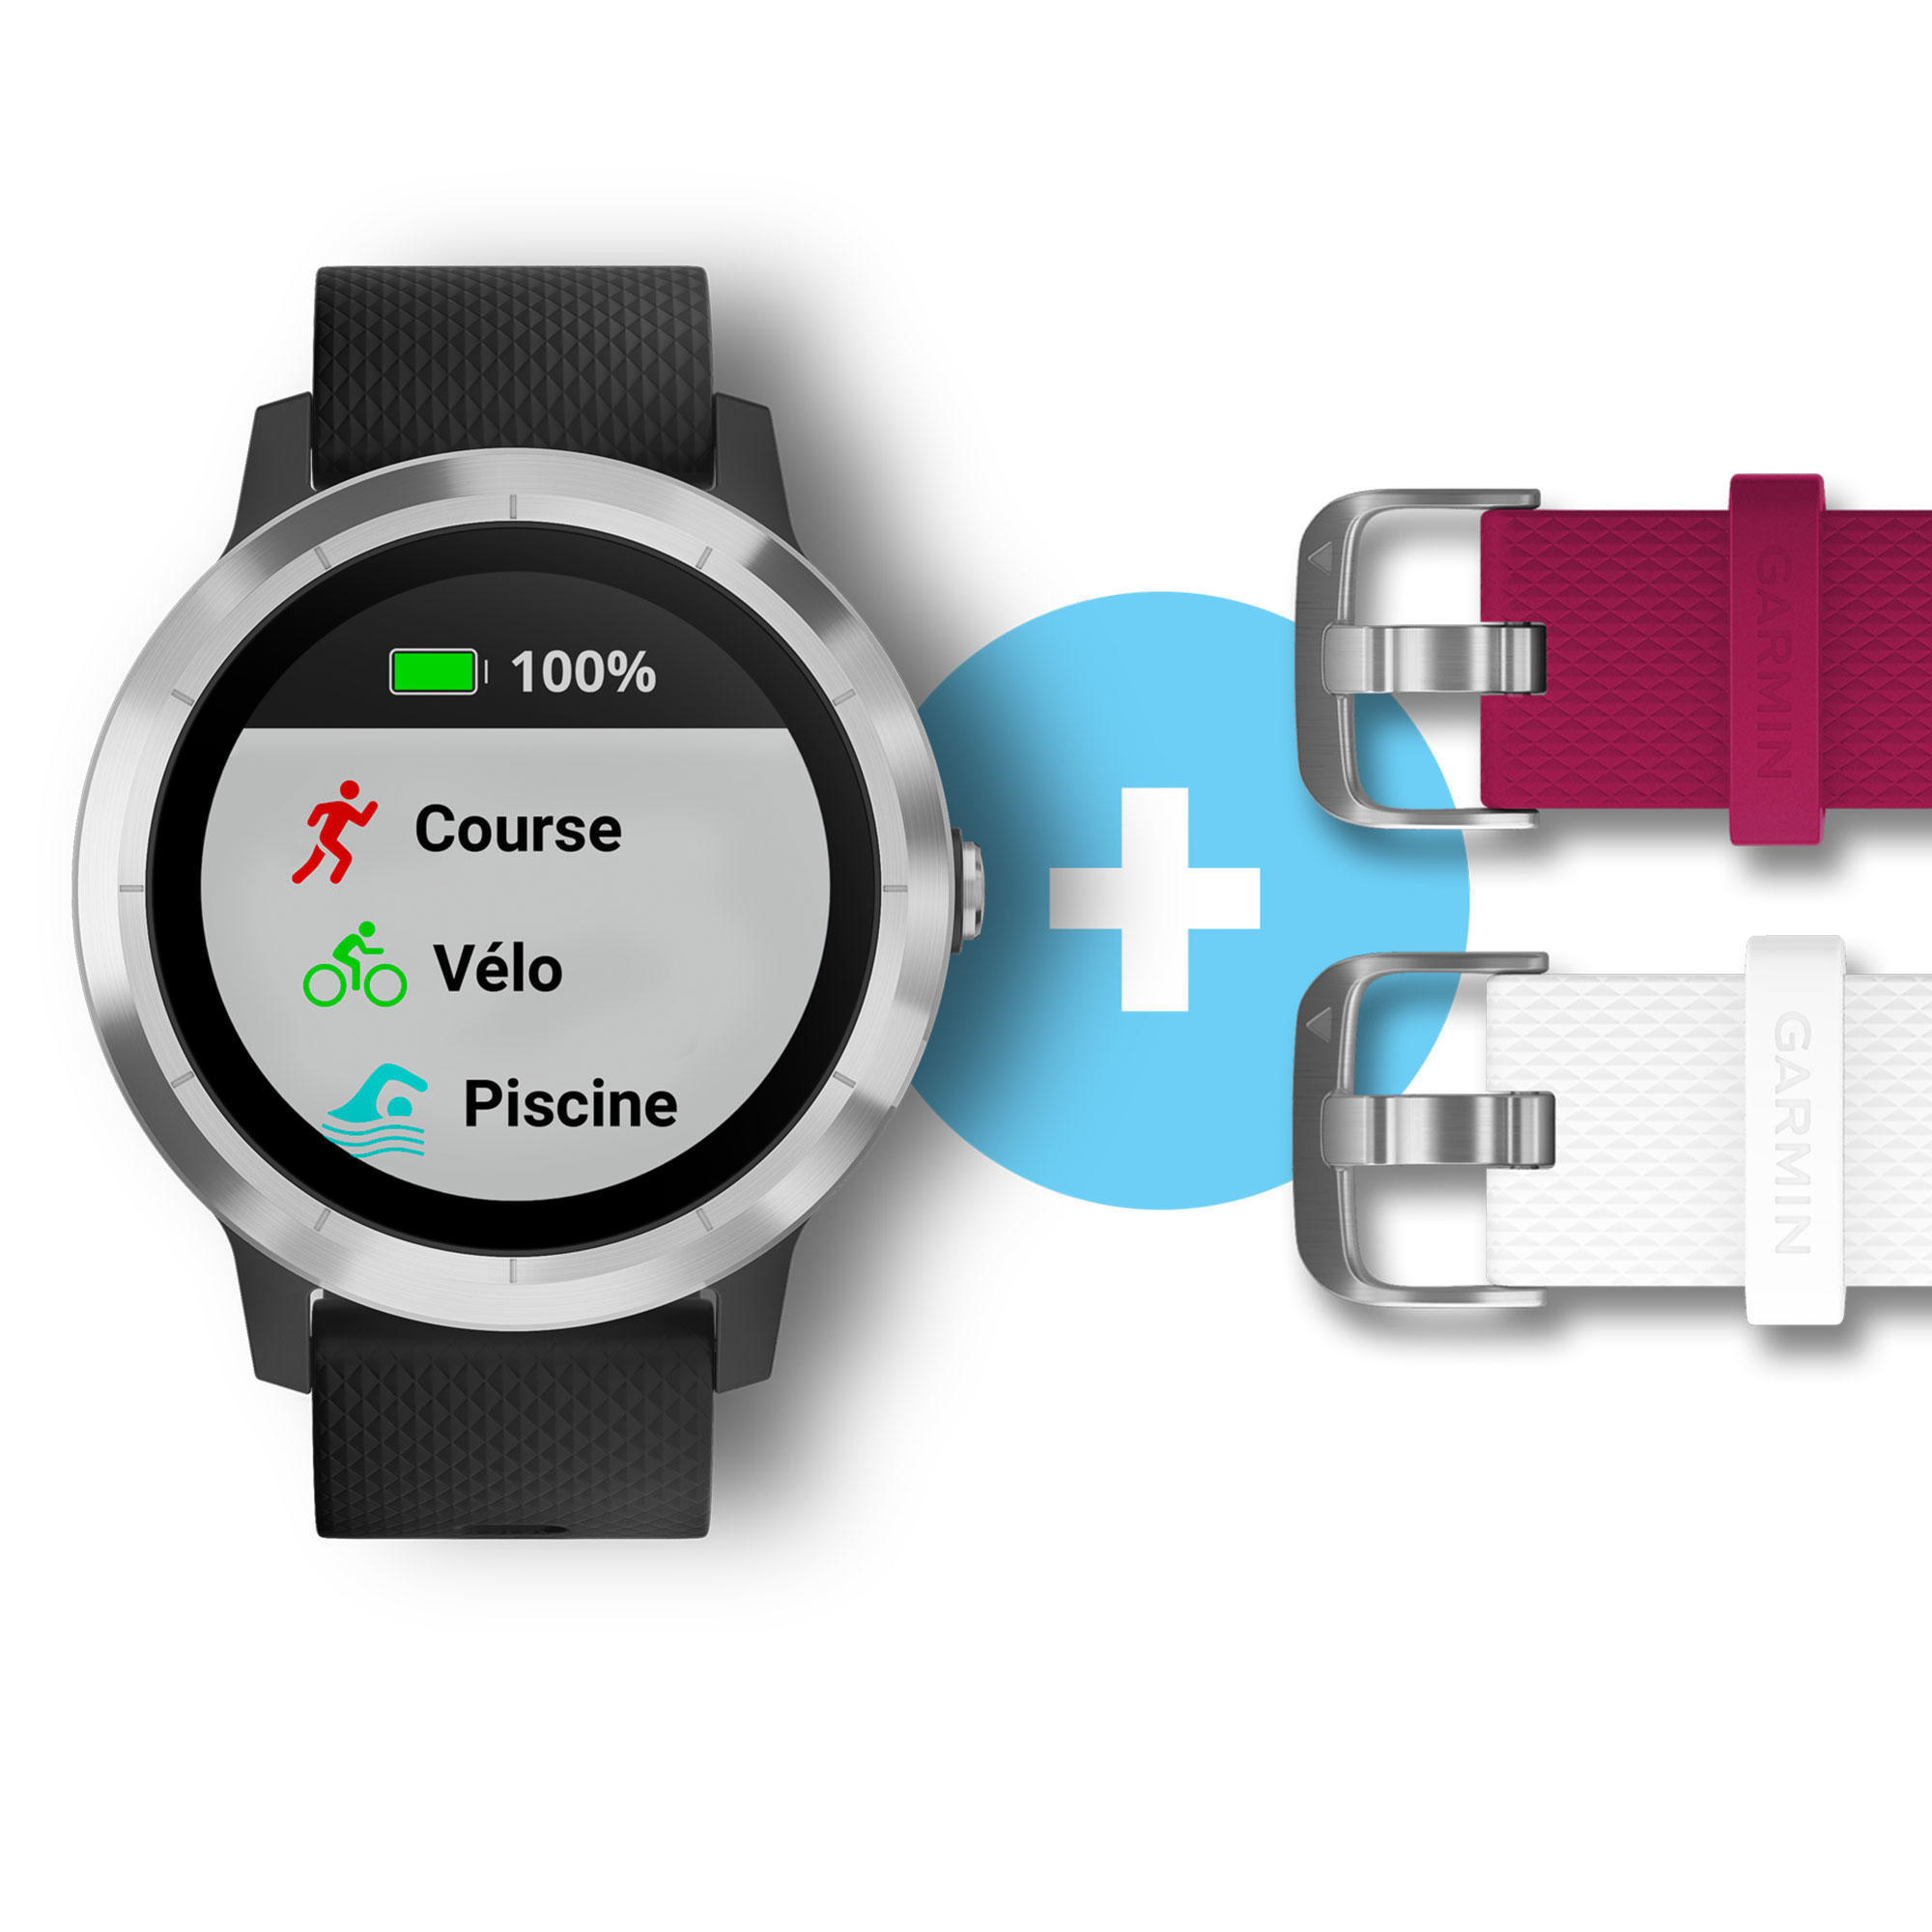 Montre Connectée Vivoactive 3 Silver - Édition Noel avec Velo Piscine Decathlon